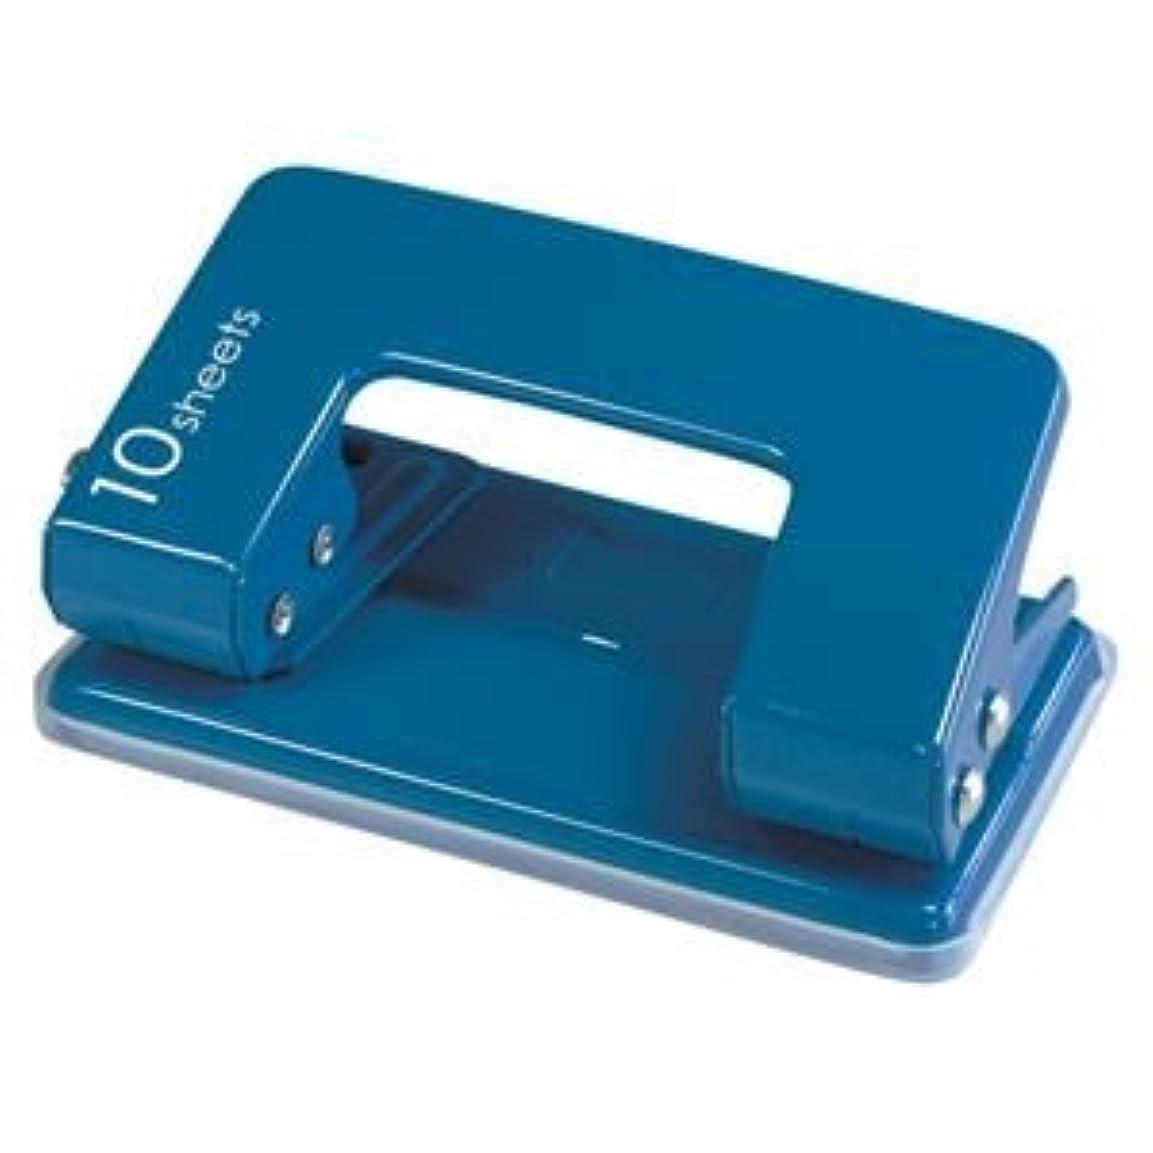 ラベンダー販売員白い(業務用セット) カール 2穴パンチ CPN-10-B ブルー 1台入 【×5セット】